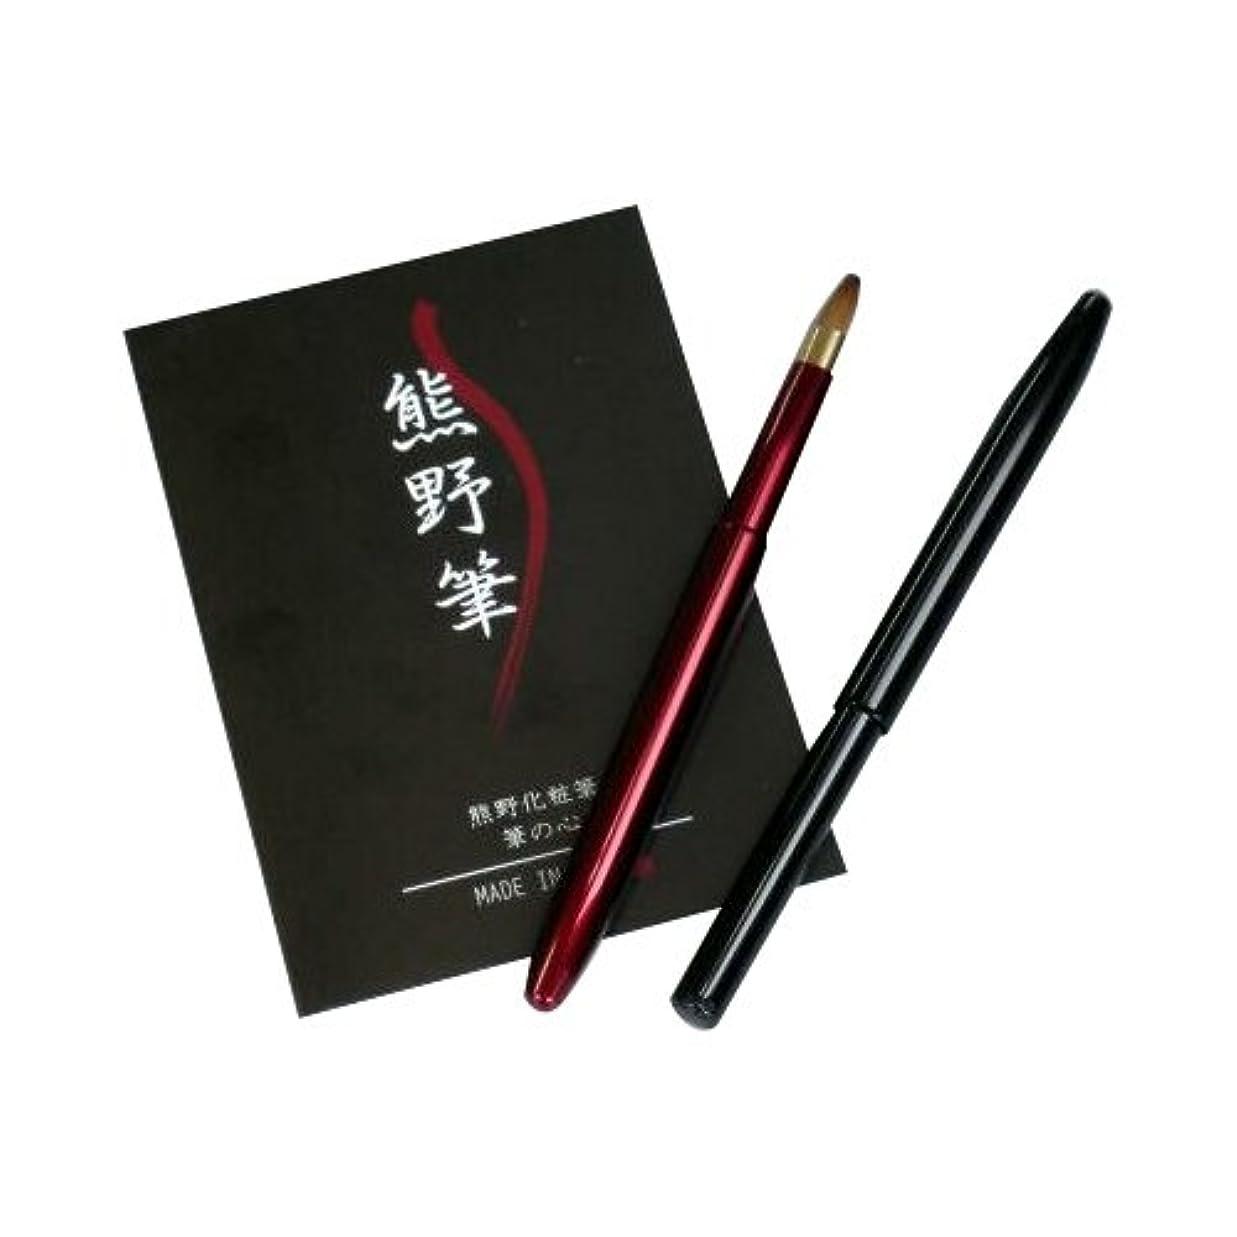 アデレードローラーバリケードゼニス 熊野化粧筆 筆の心 リップブラシ